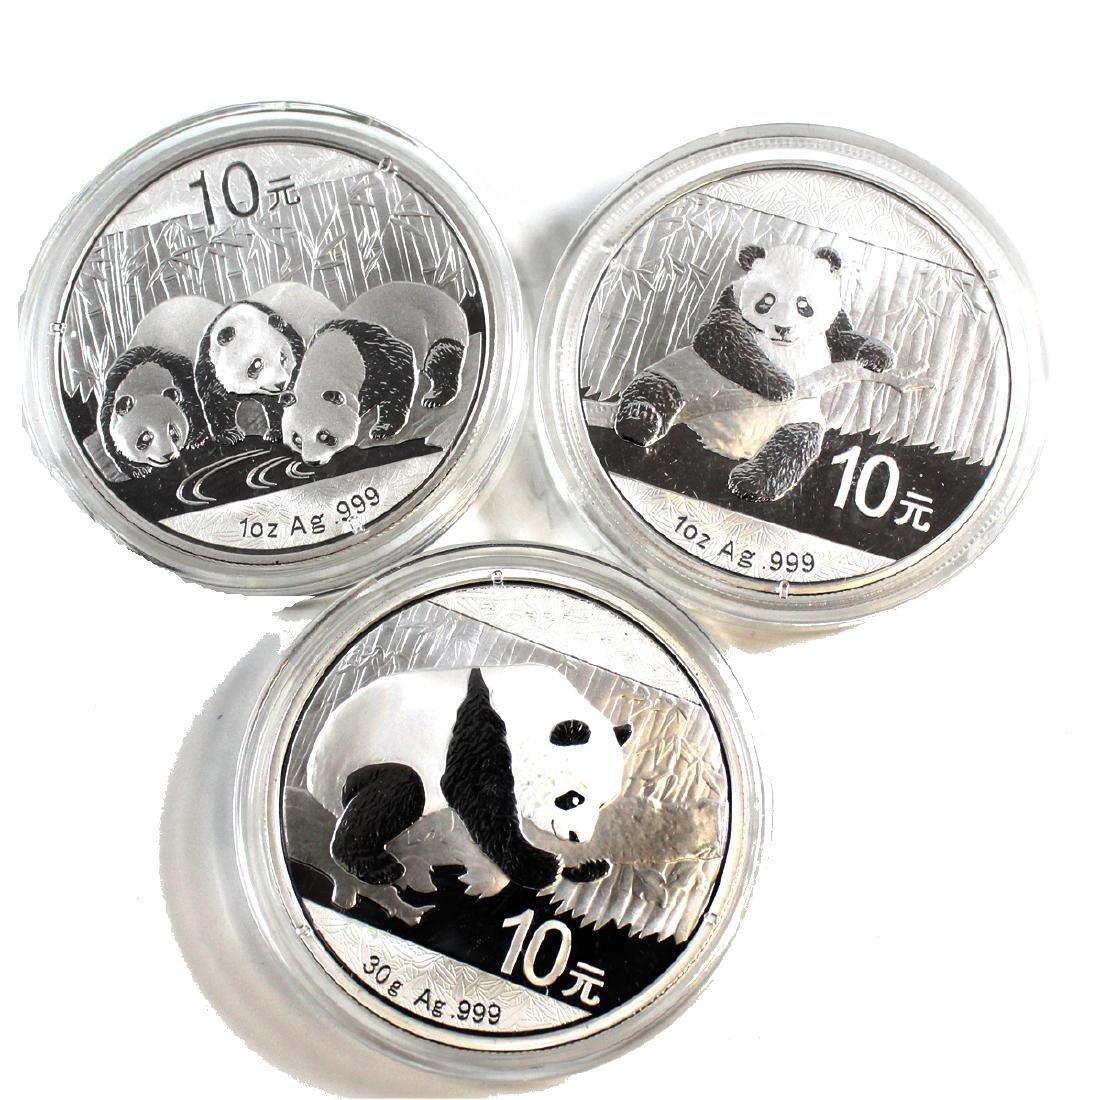 Lot of China Pandas Fine Silver - 2013 1oz, 2014 1oz, &